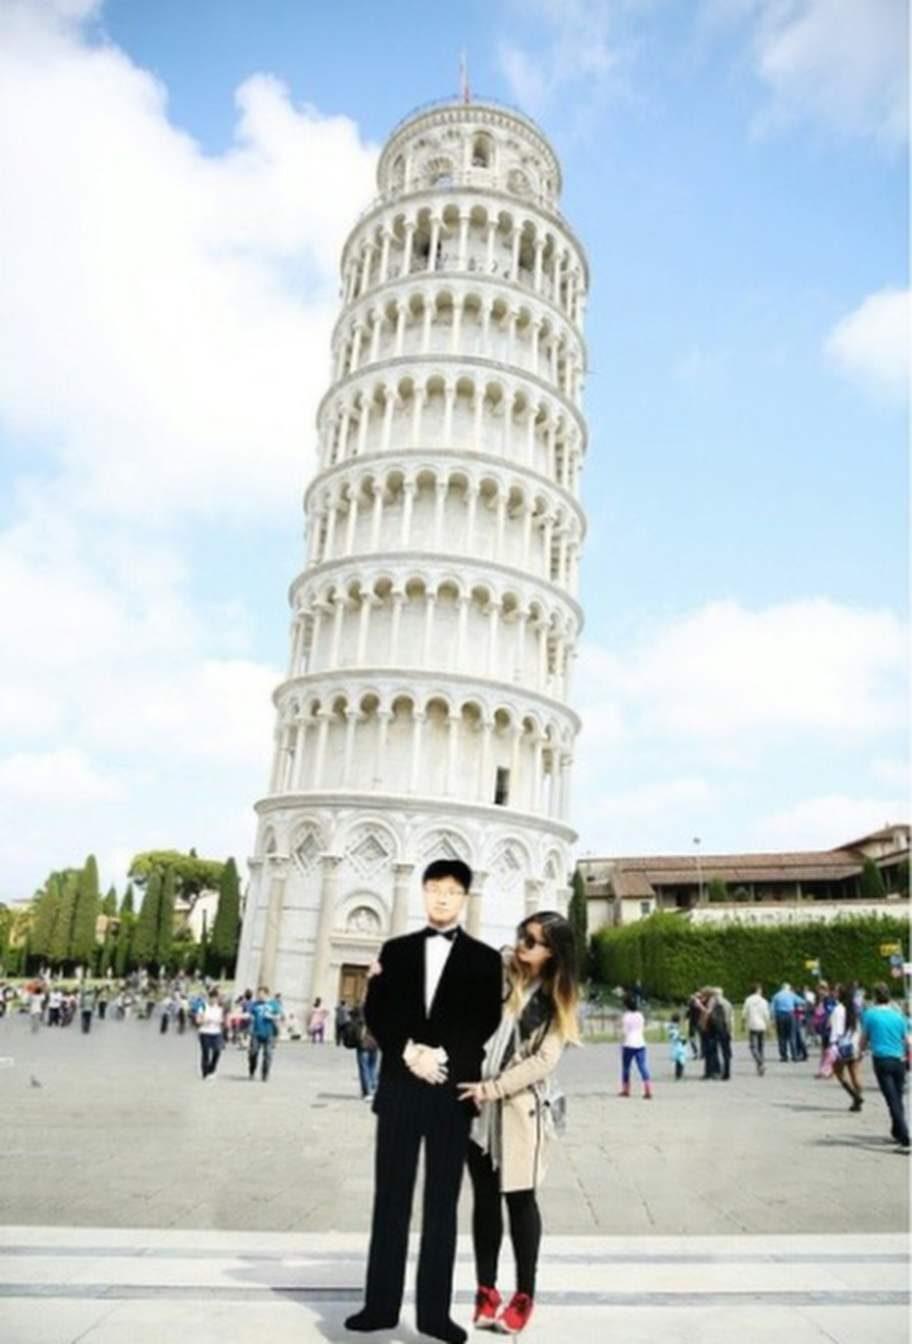 Jinna Yang tog med sig pappan till Lutande tornet i Pisa.